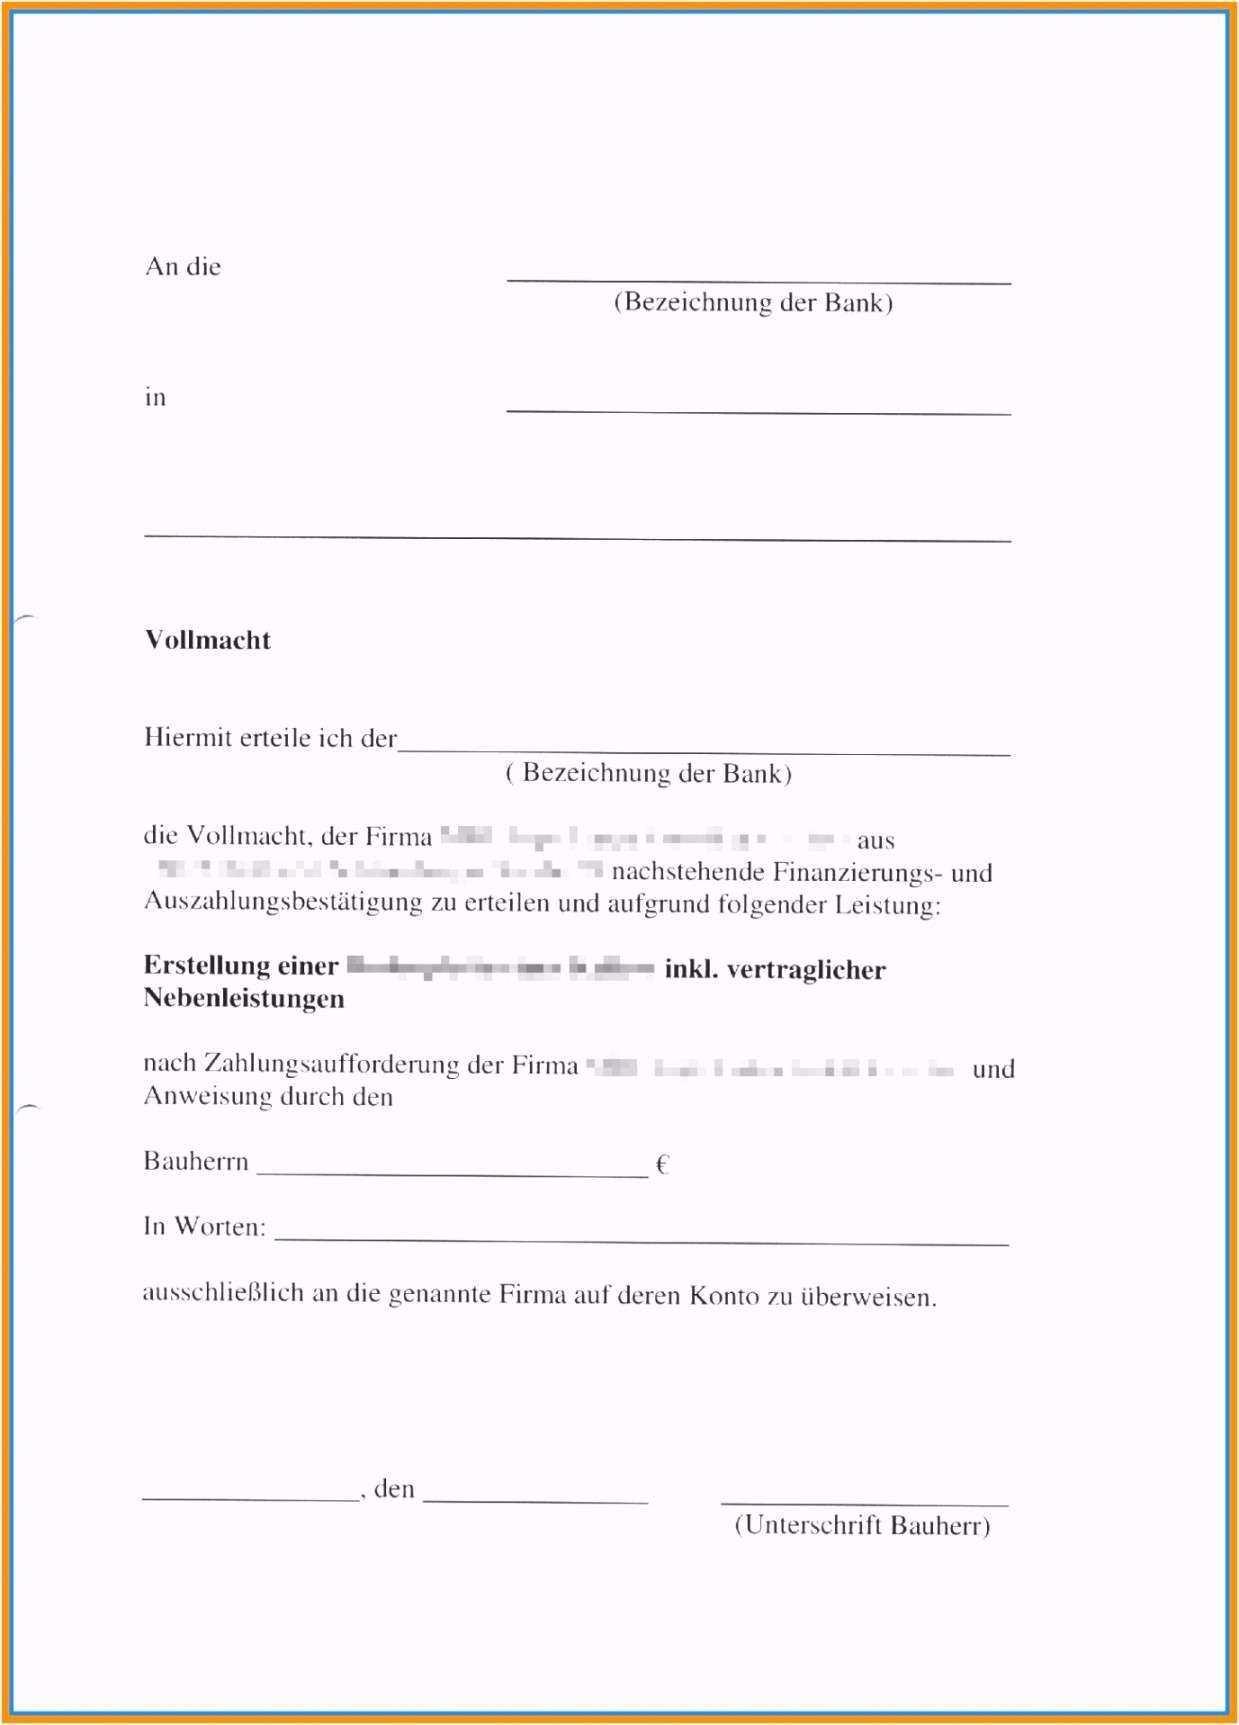 Beeindruckend Vollmacht Zur Vorlage Bei Der Zulassungsbehorde Vorlagen Word Flyer Vorlage Zeugnis Vorlage